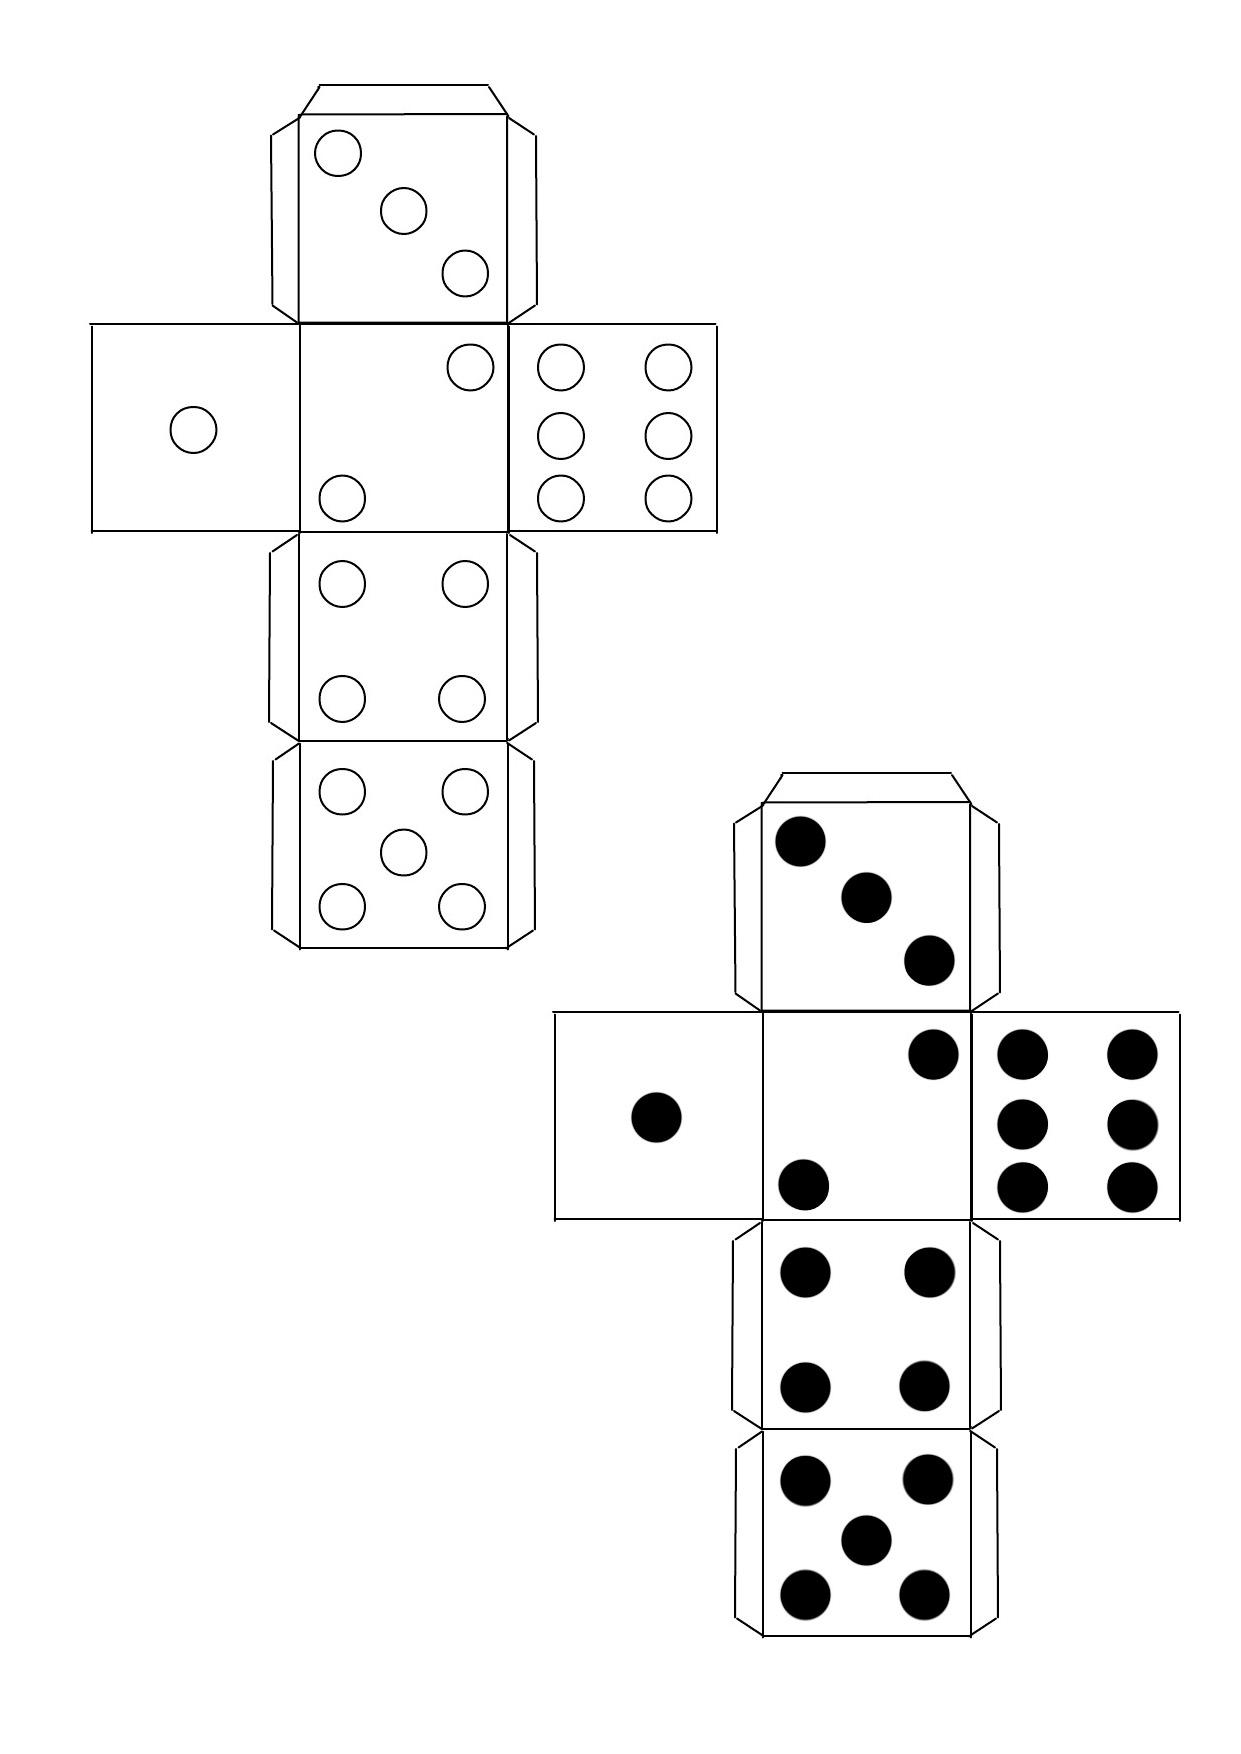 обычный кубик для игры